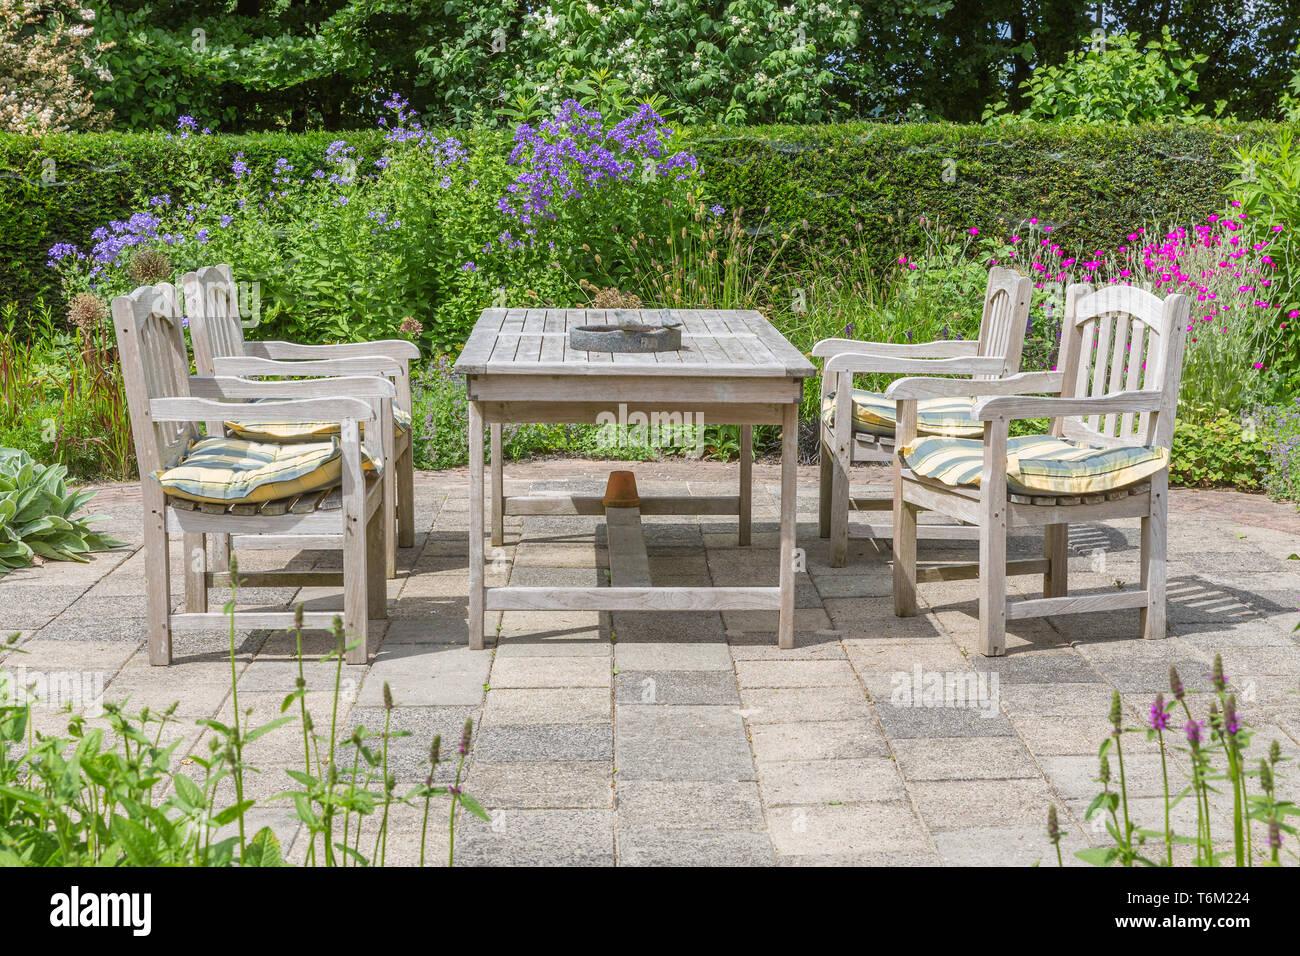 Table et chaises en bois dans un jardin ornemental Banque D'Images